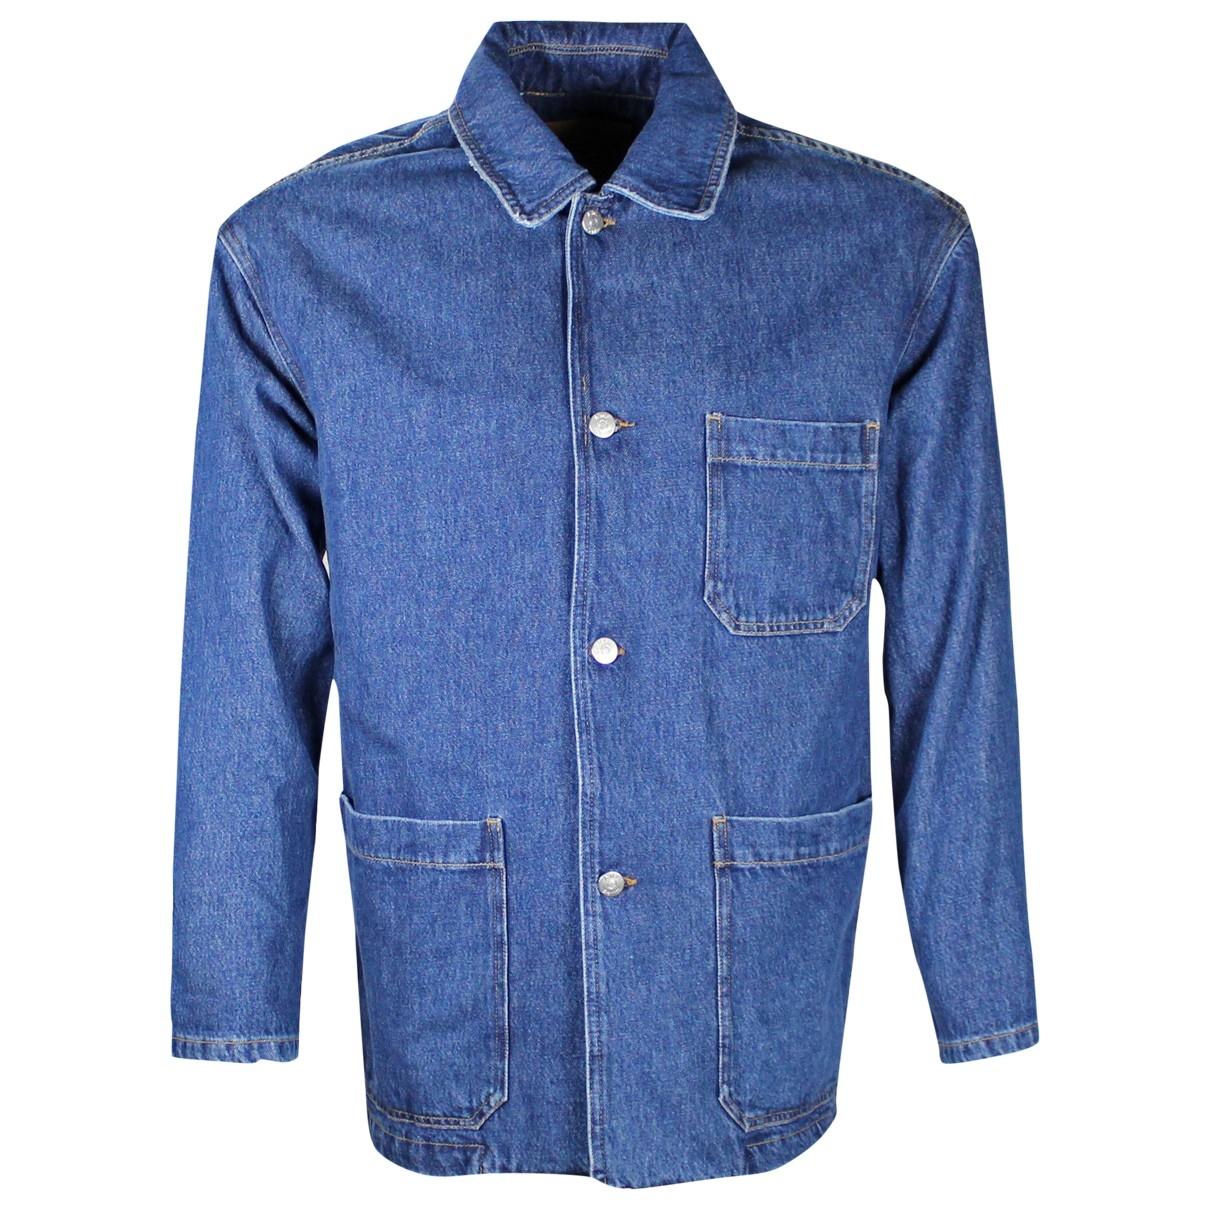 American Vintage \N Jacke in  Blau Denim - Jeans